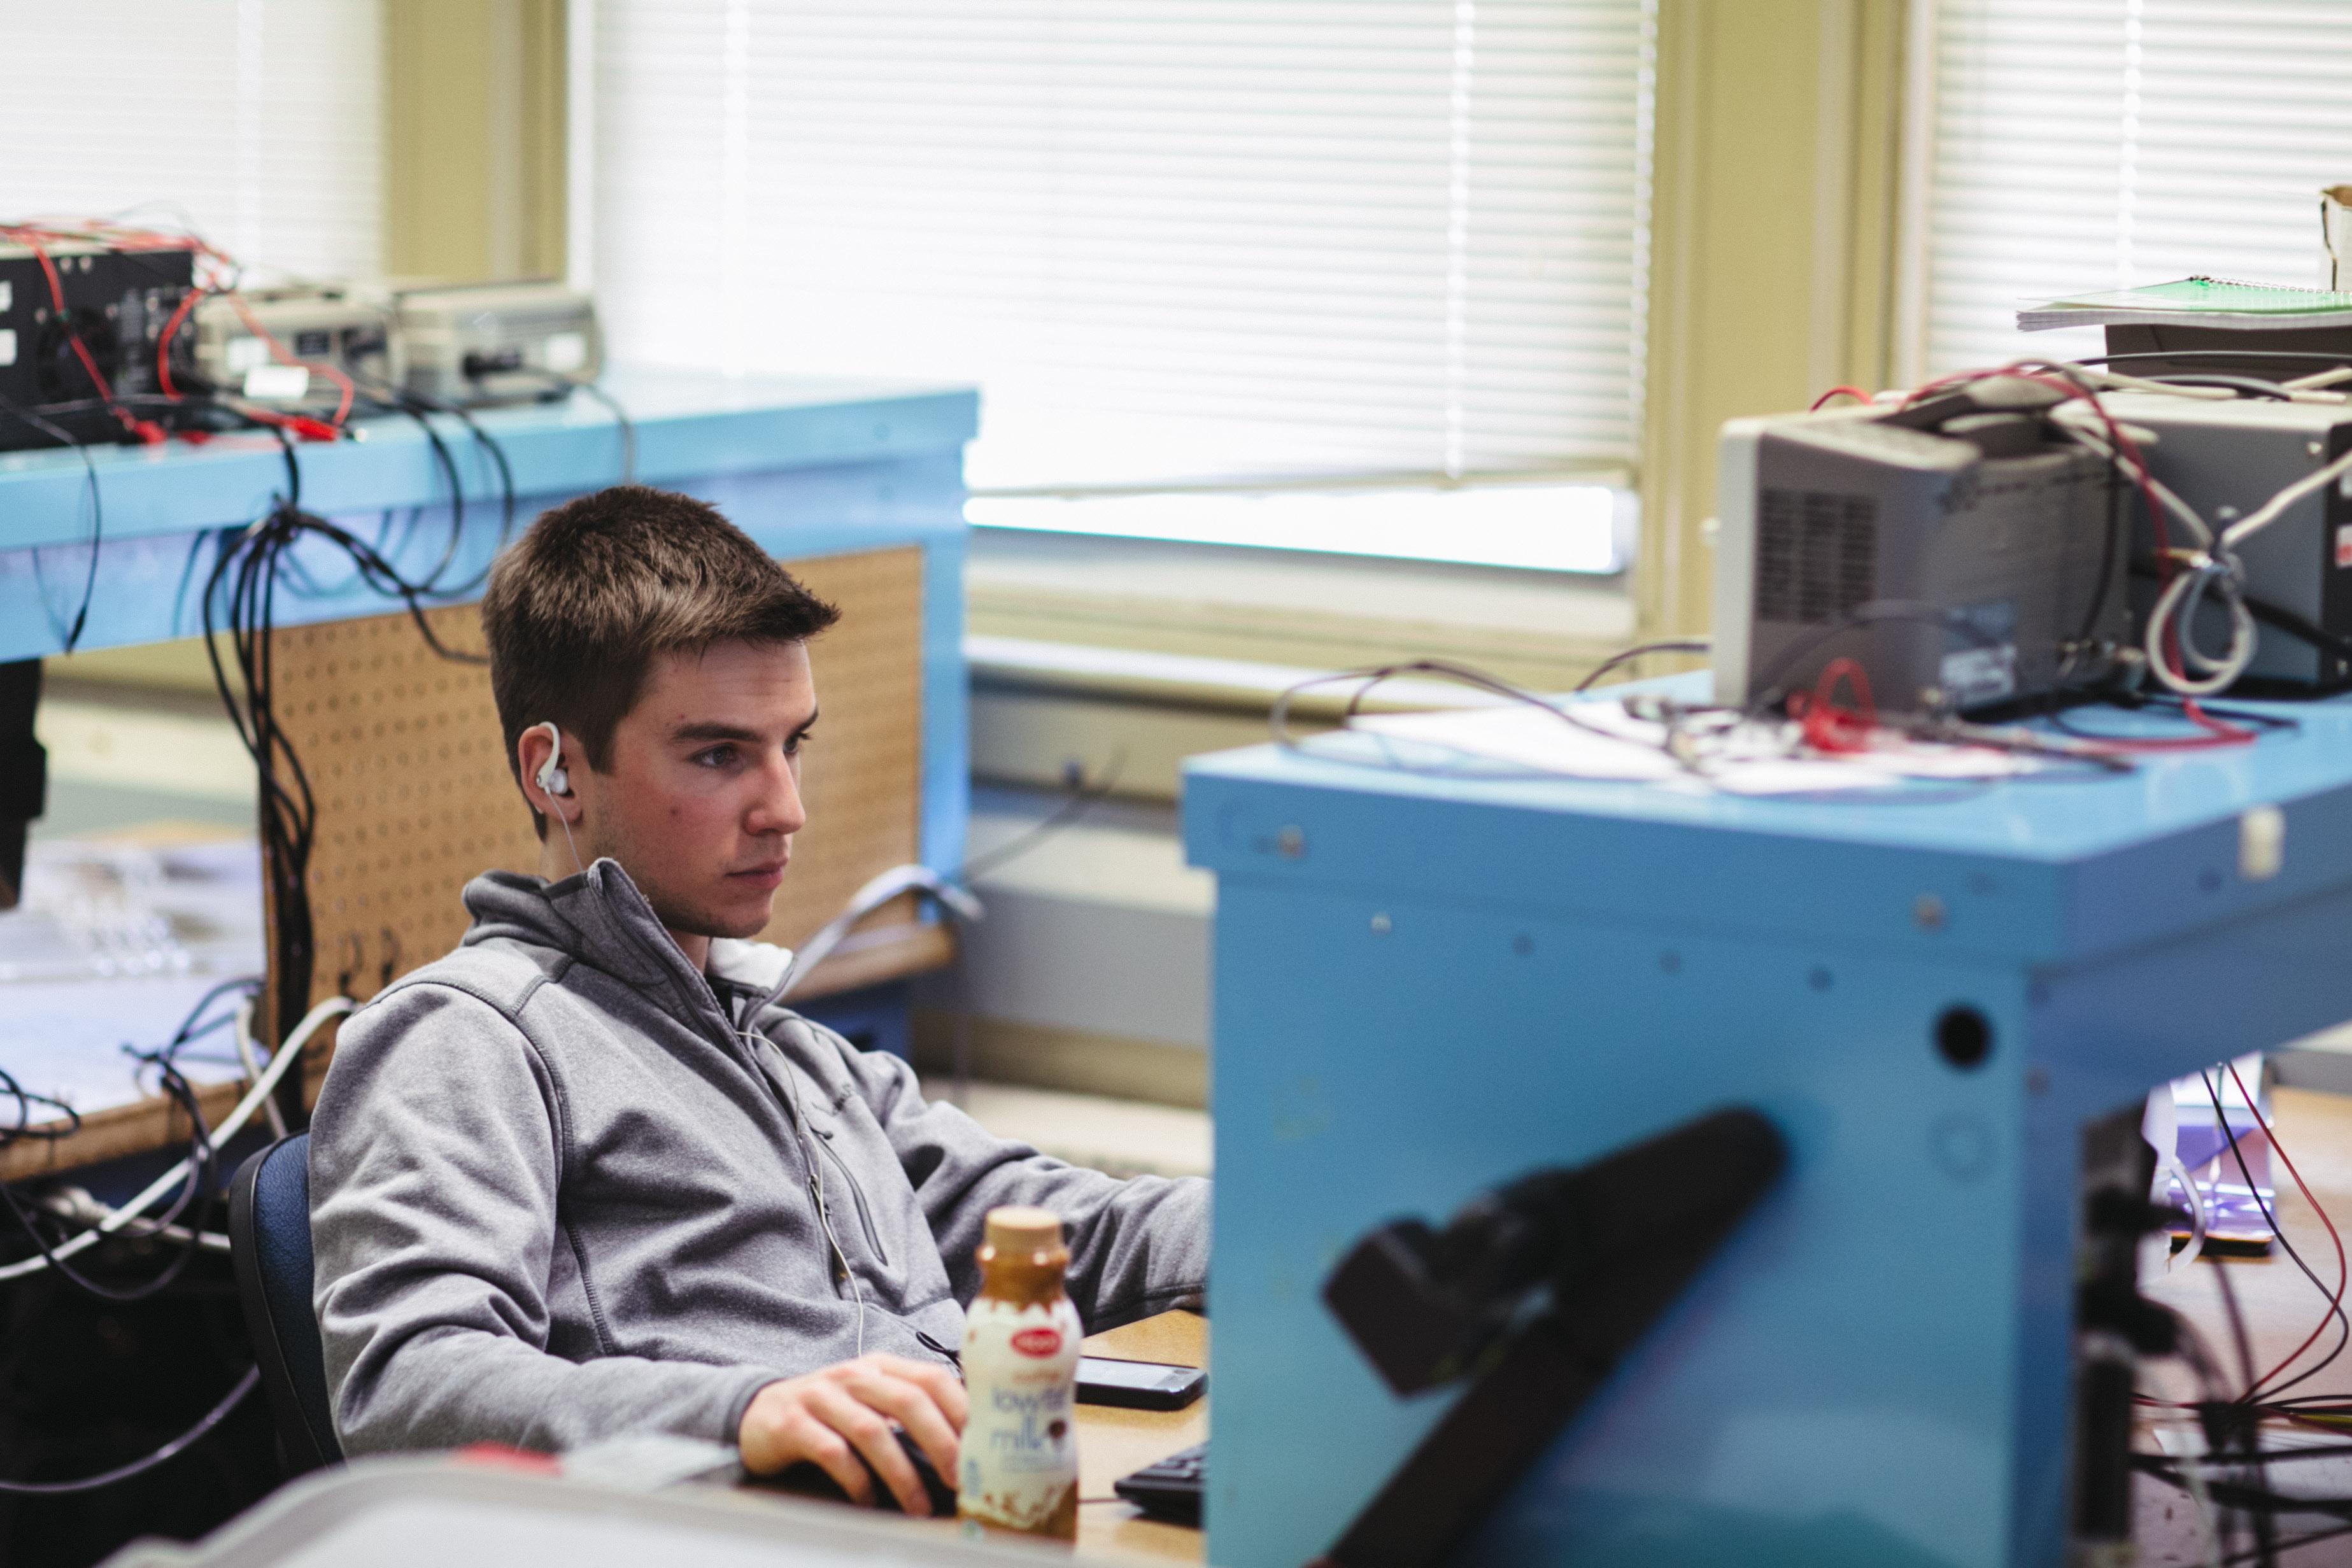 Robotics Student at WPI